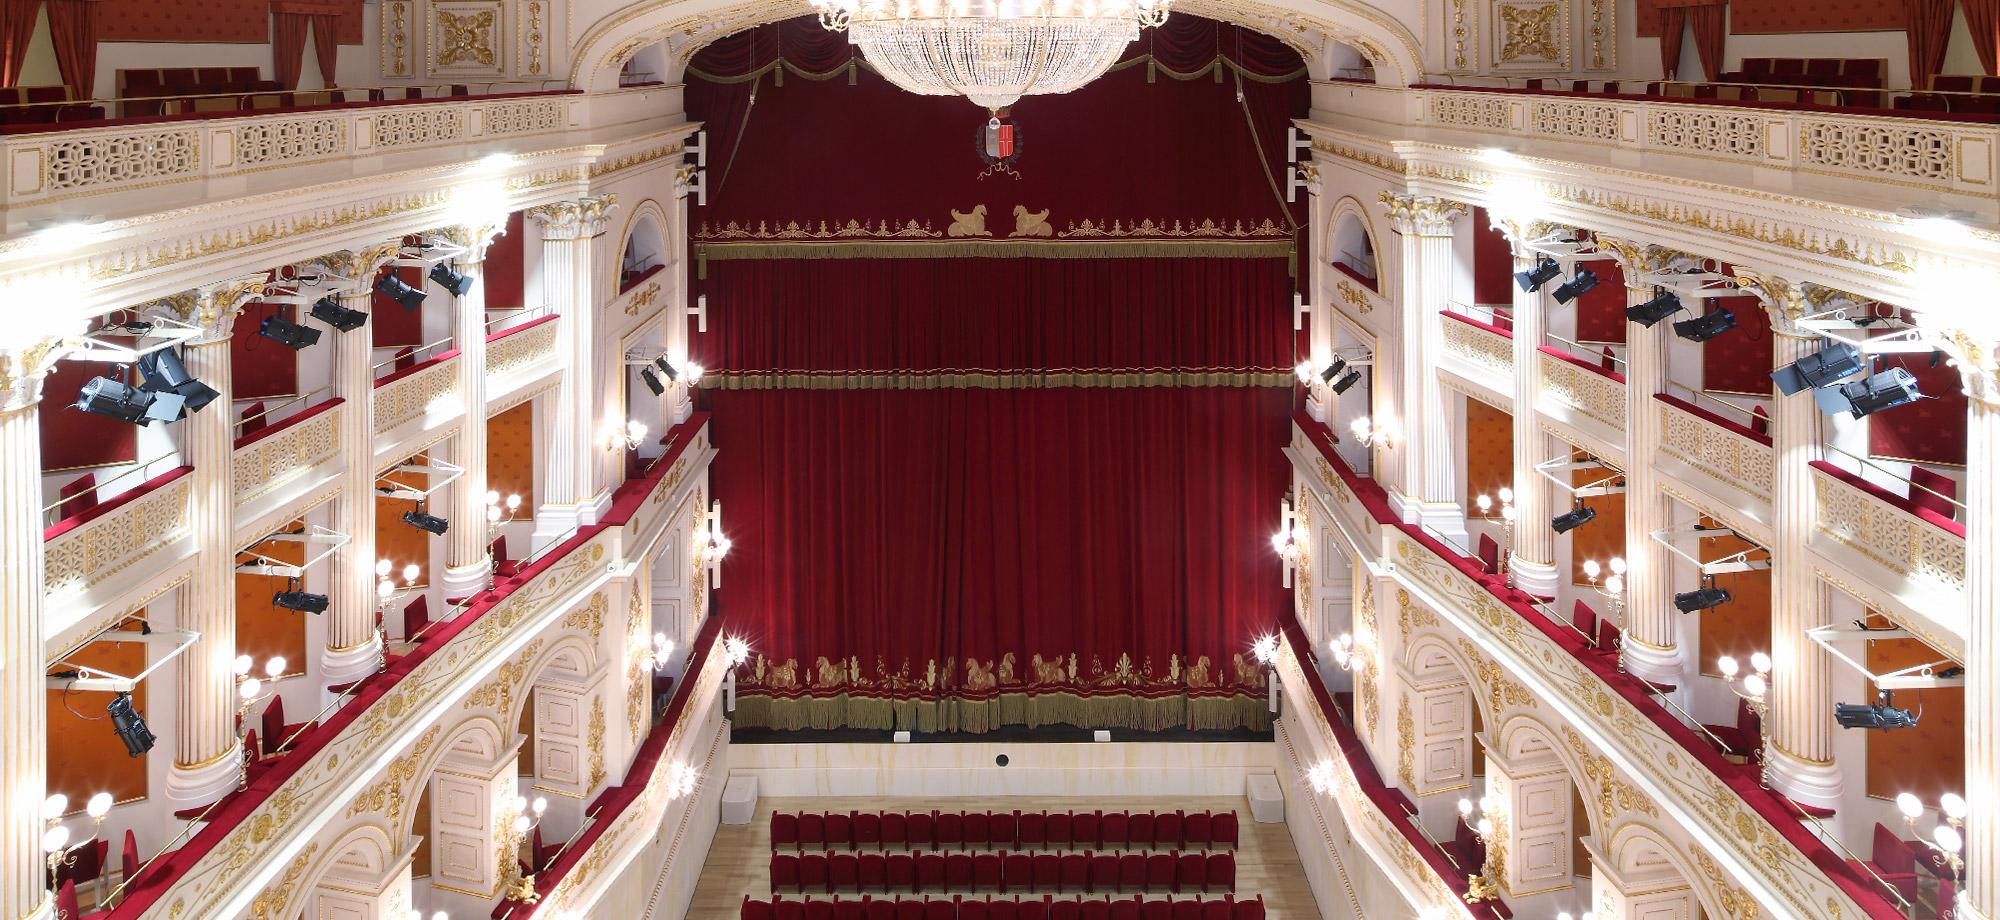 cmb-restauri-restoration-teatro-galli-theatre-rimini-italy